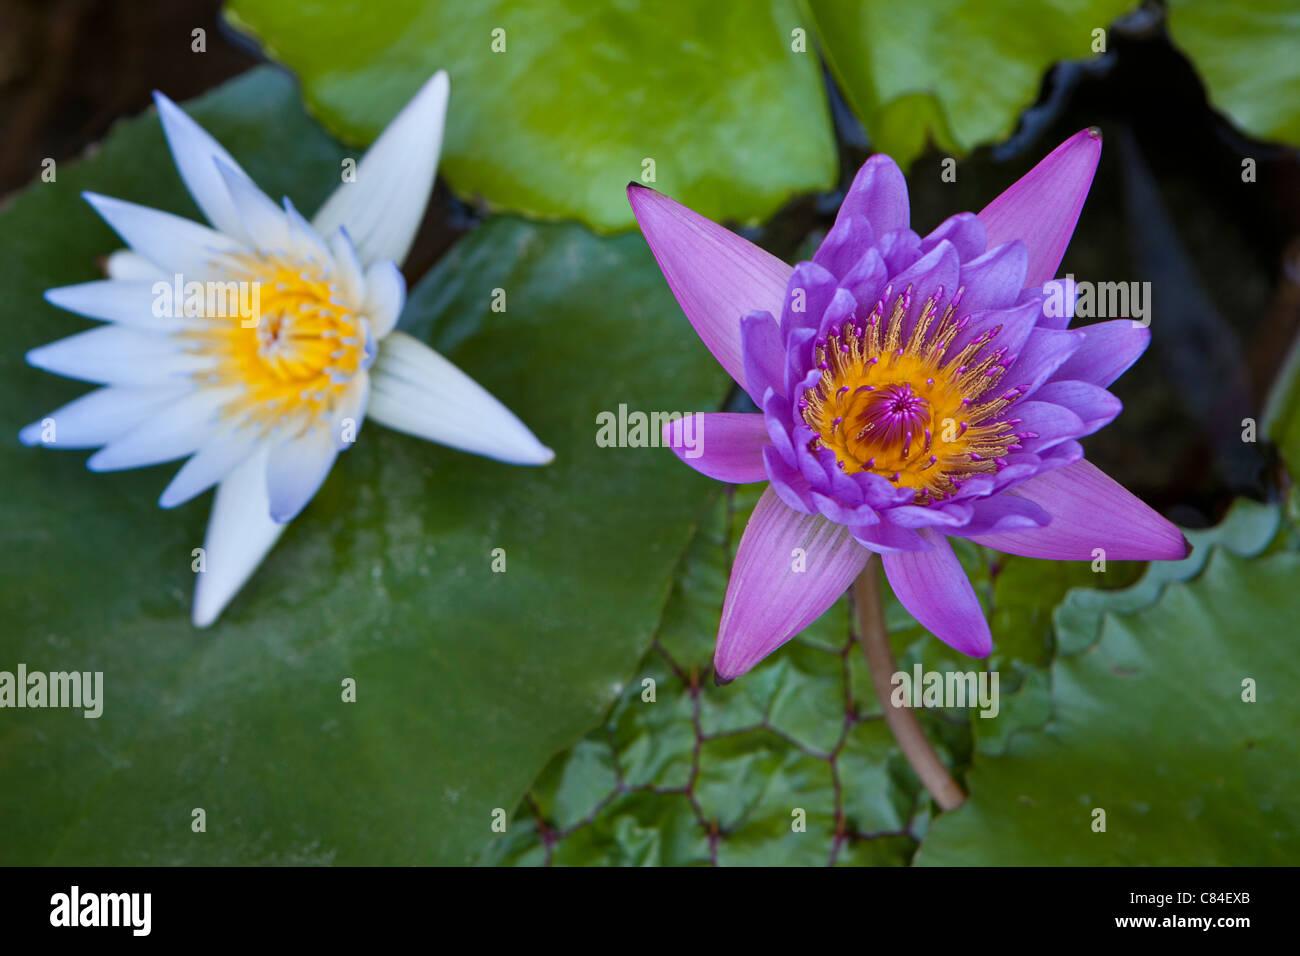 zwei Wasser Lilien, weiße und violette Stockbild